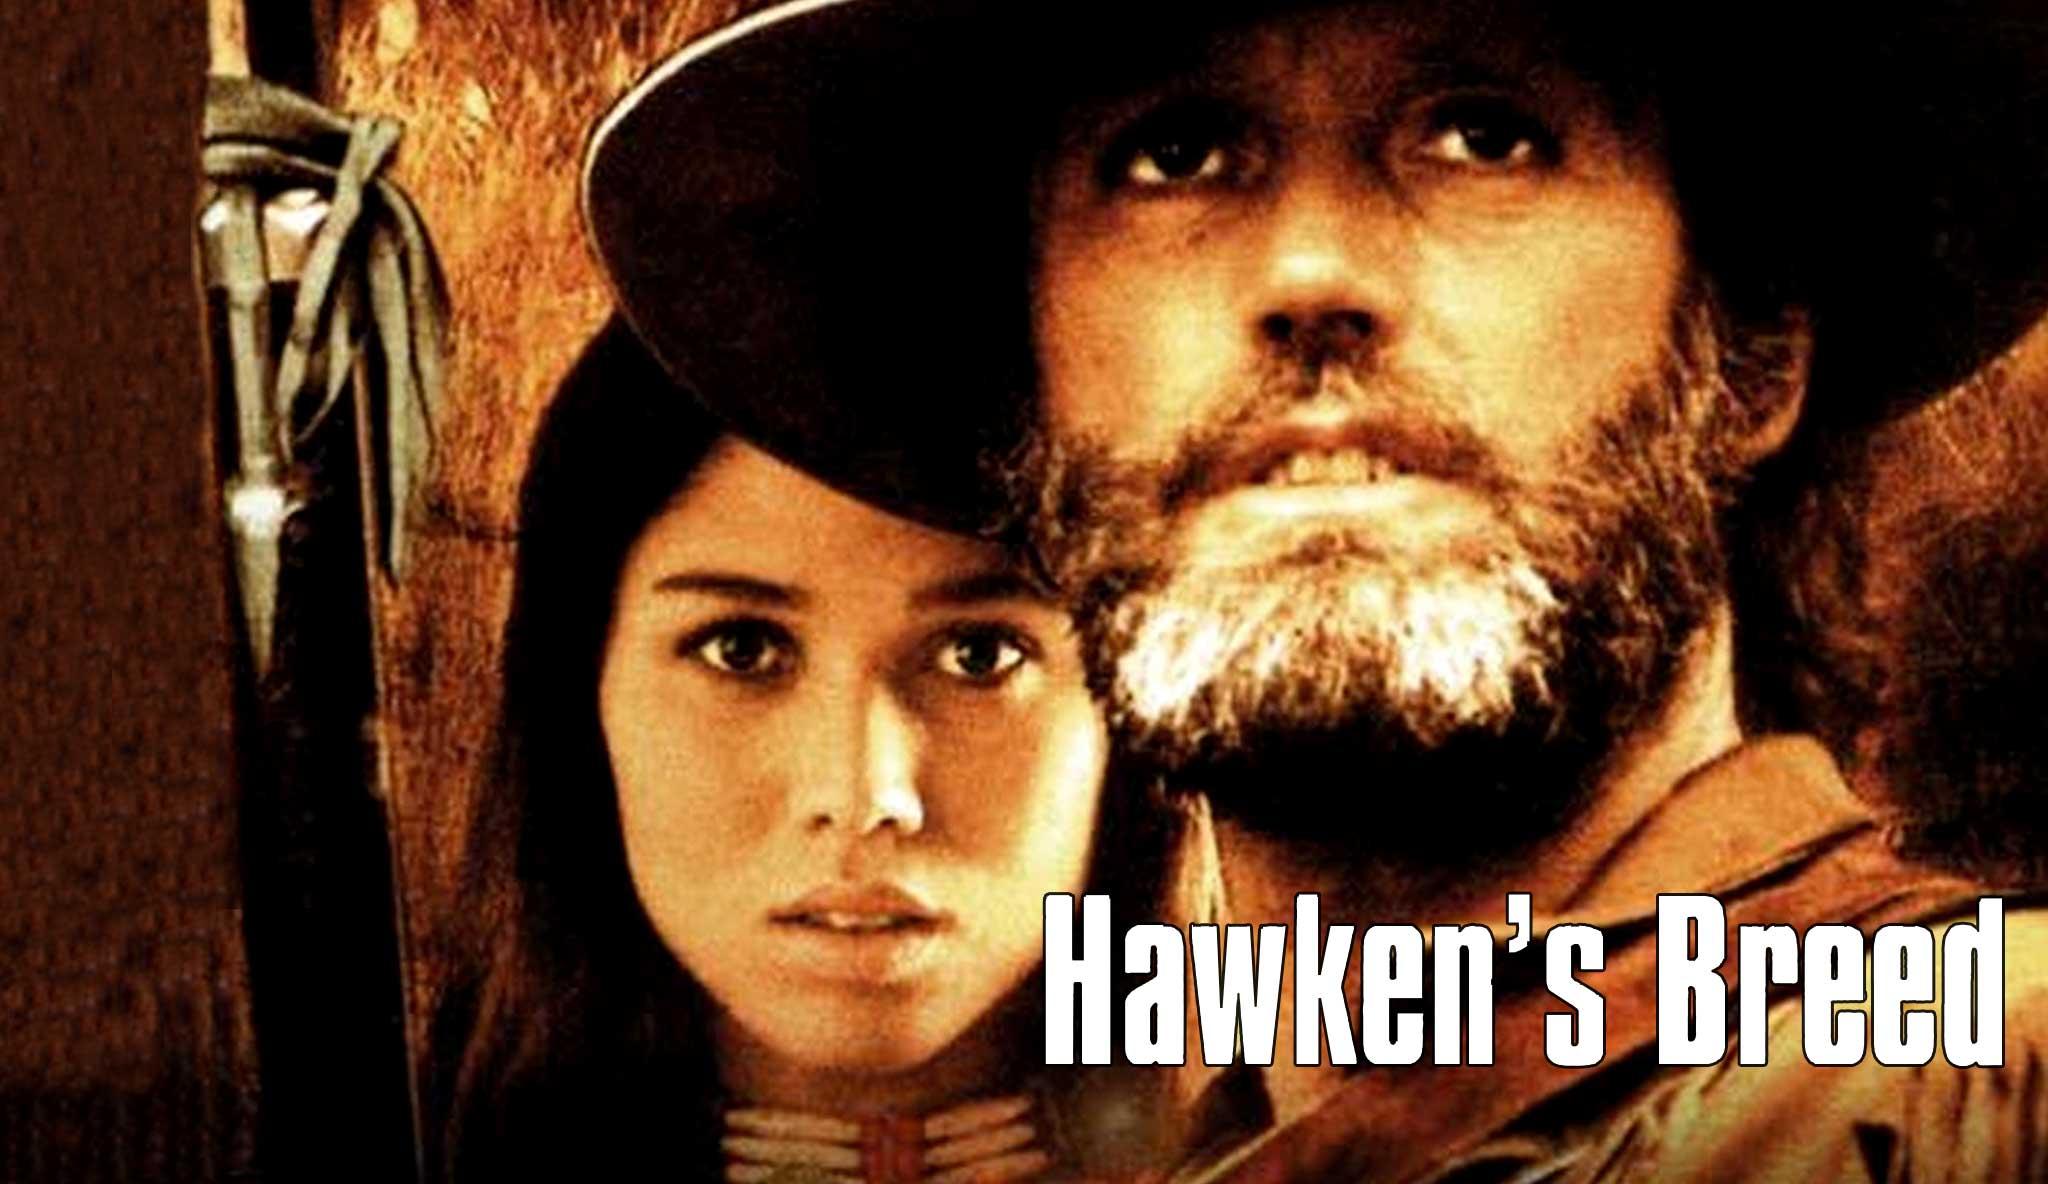 hawkens-breed\header.jpg